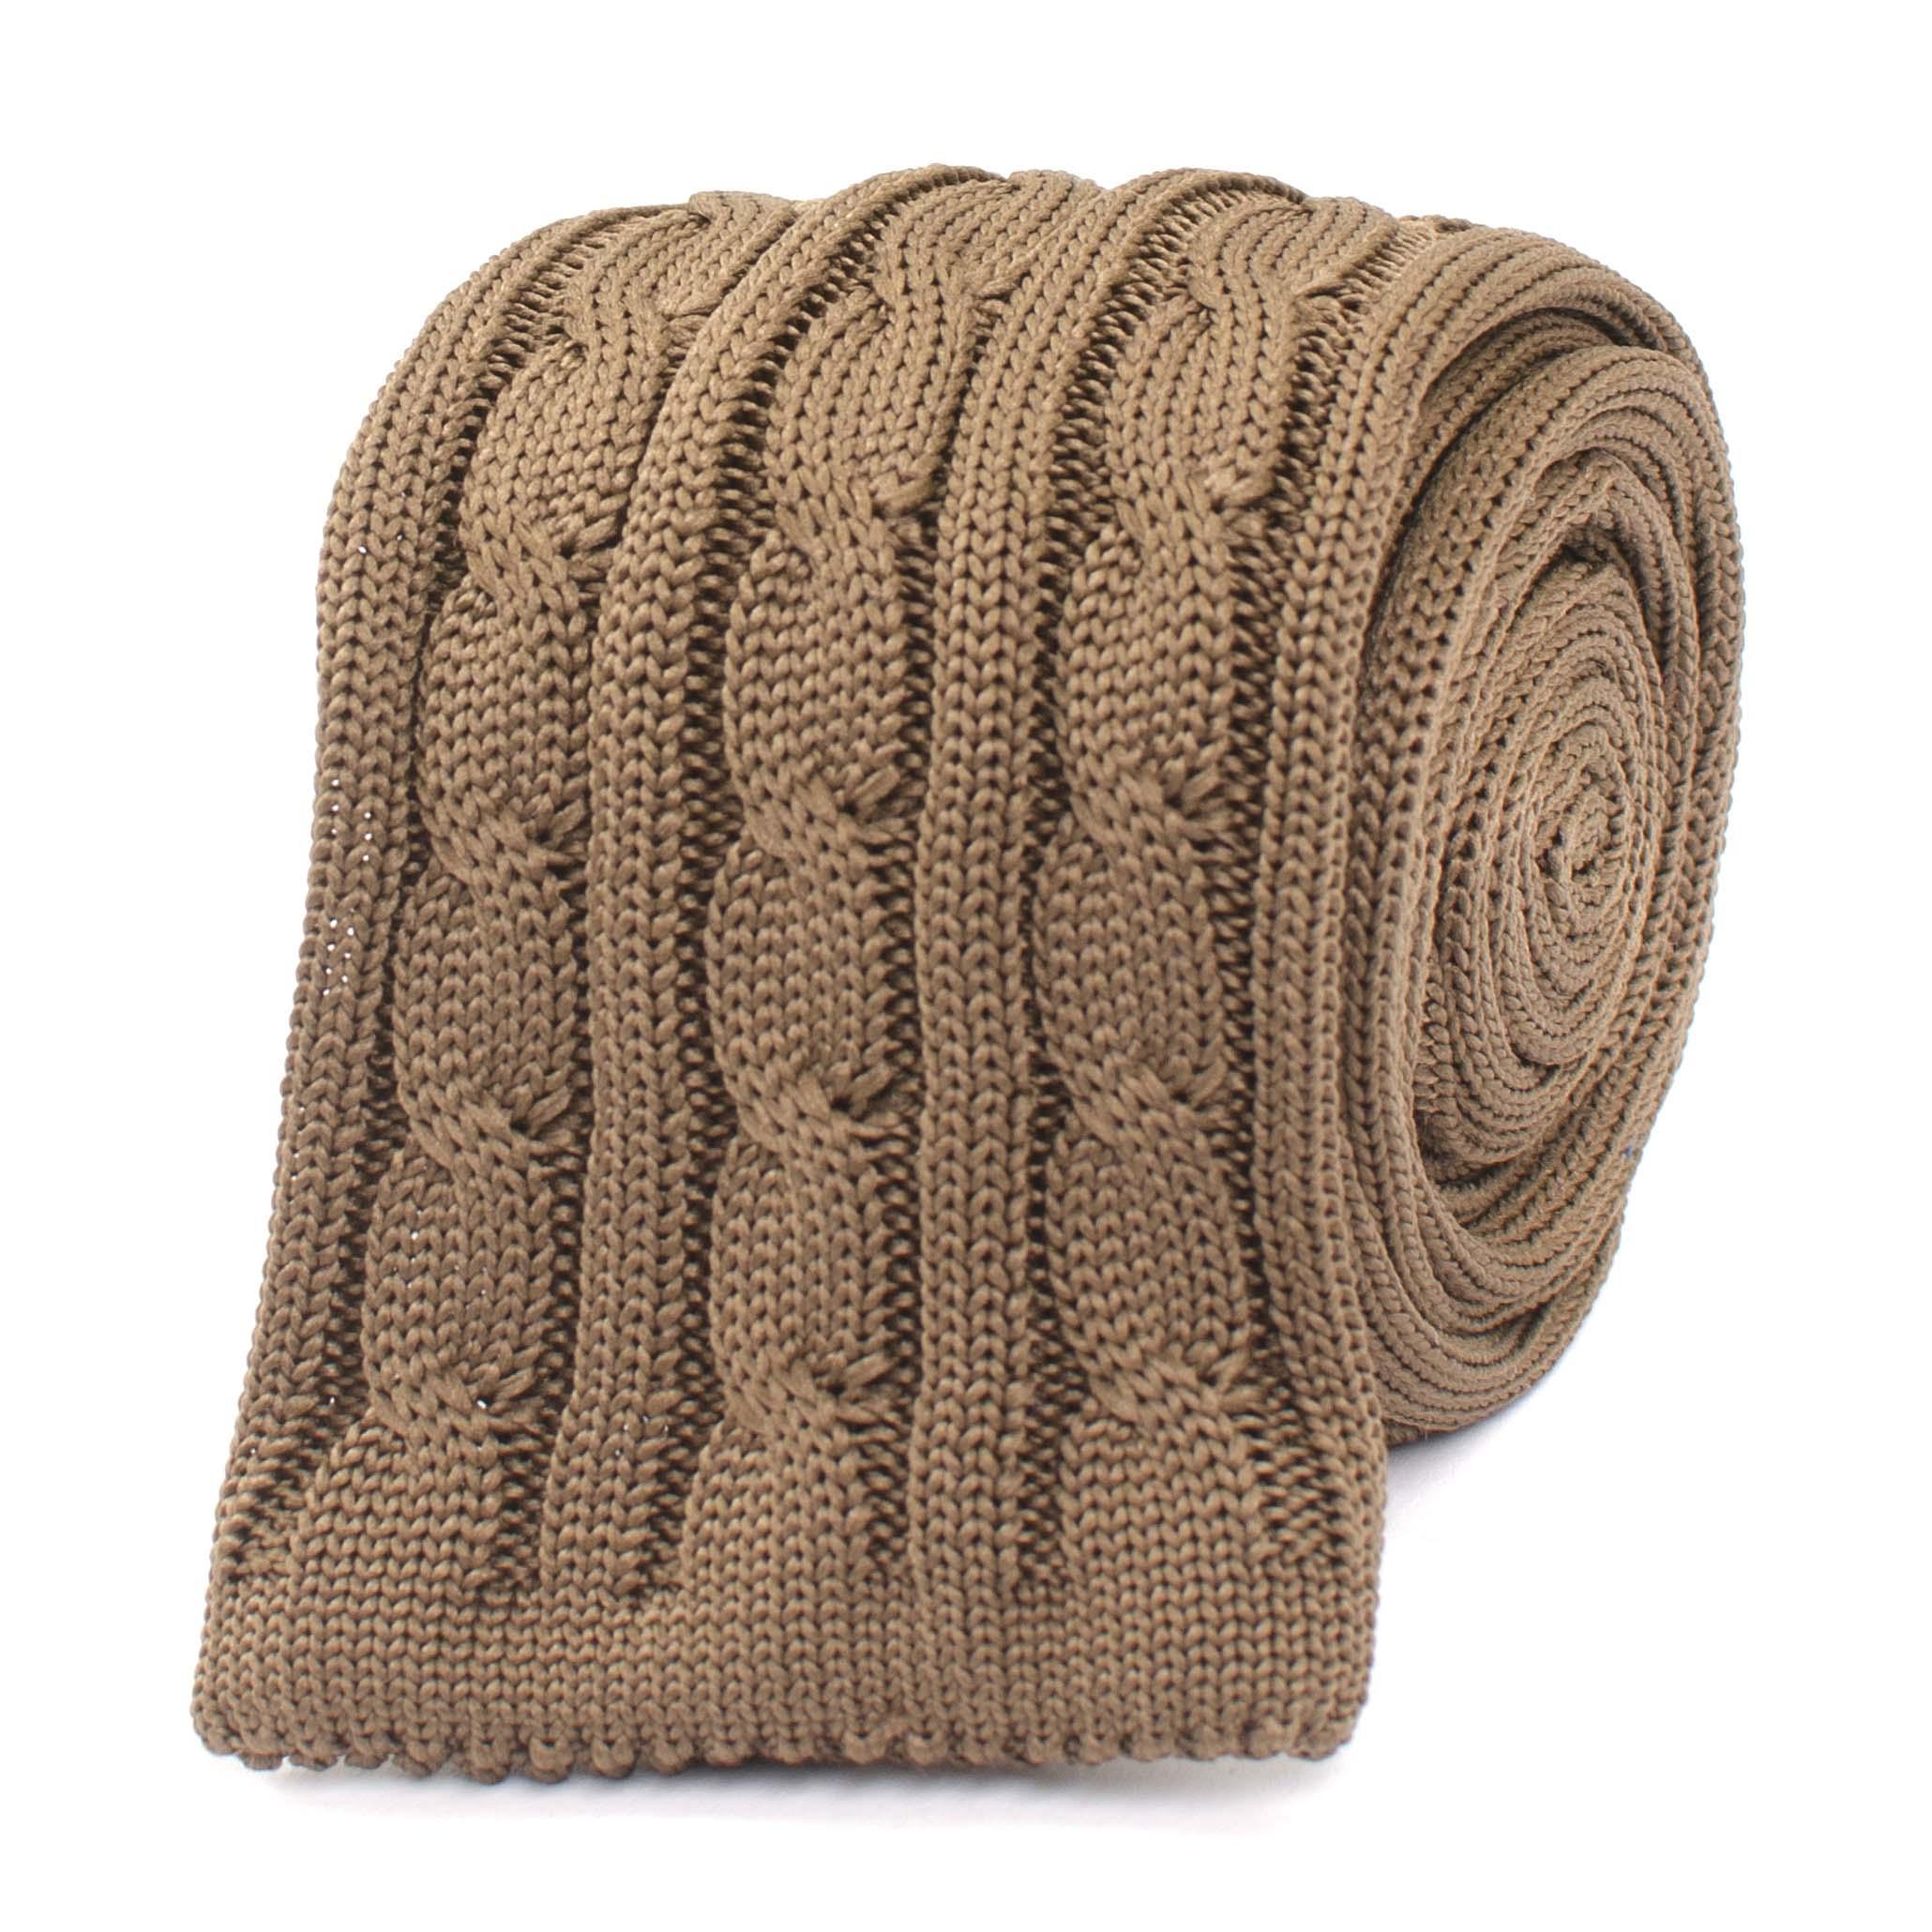 Jethro | Tie knitted chain beige